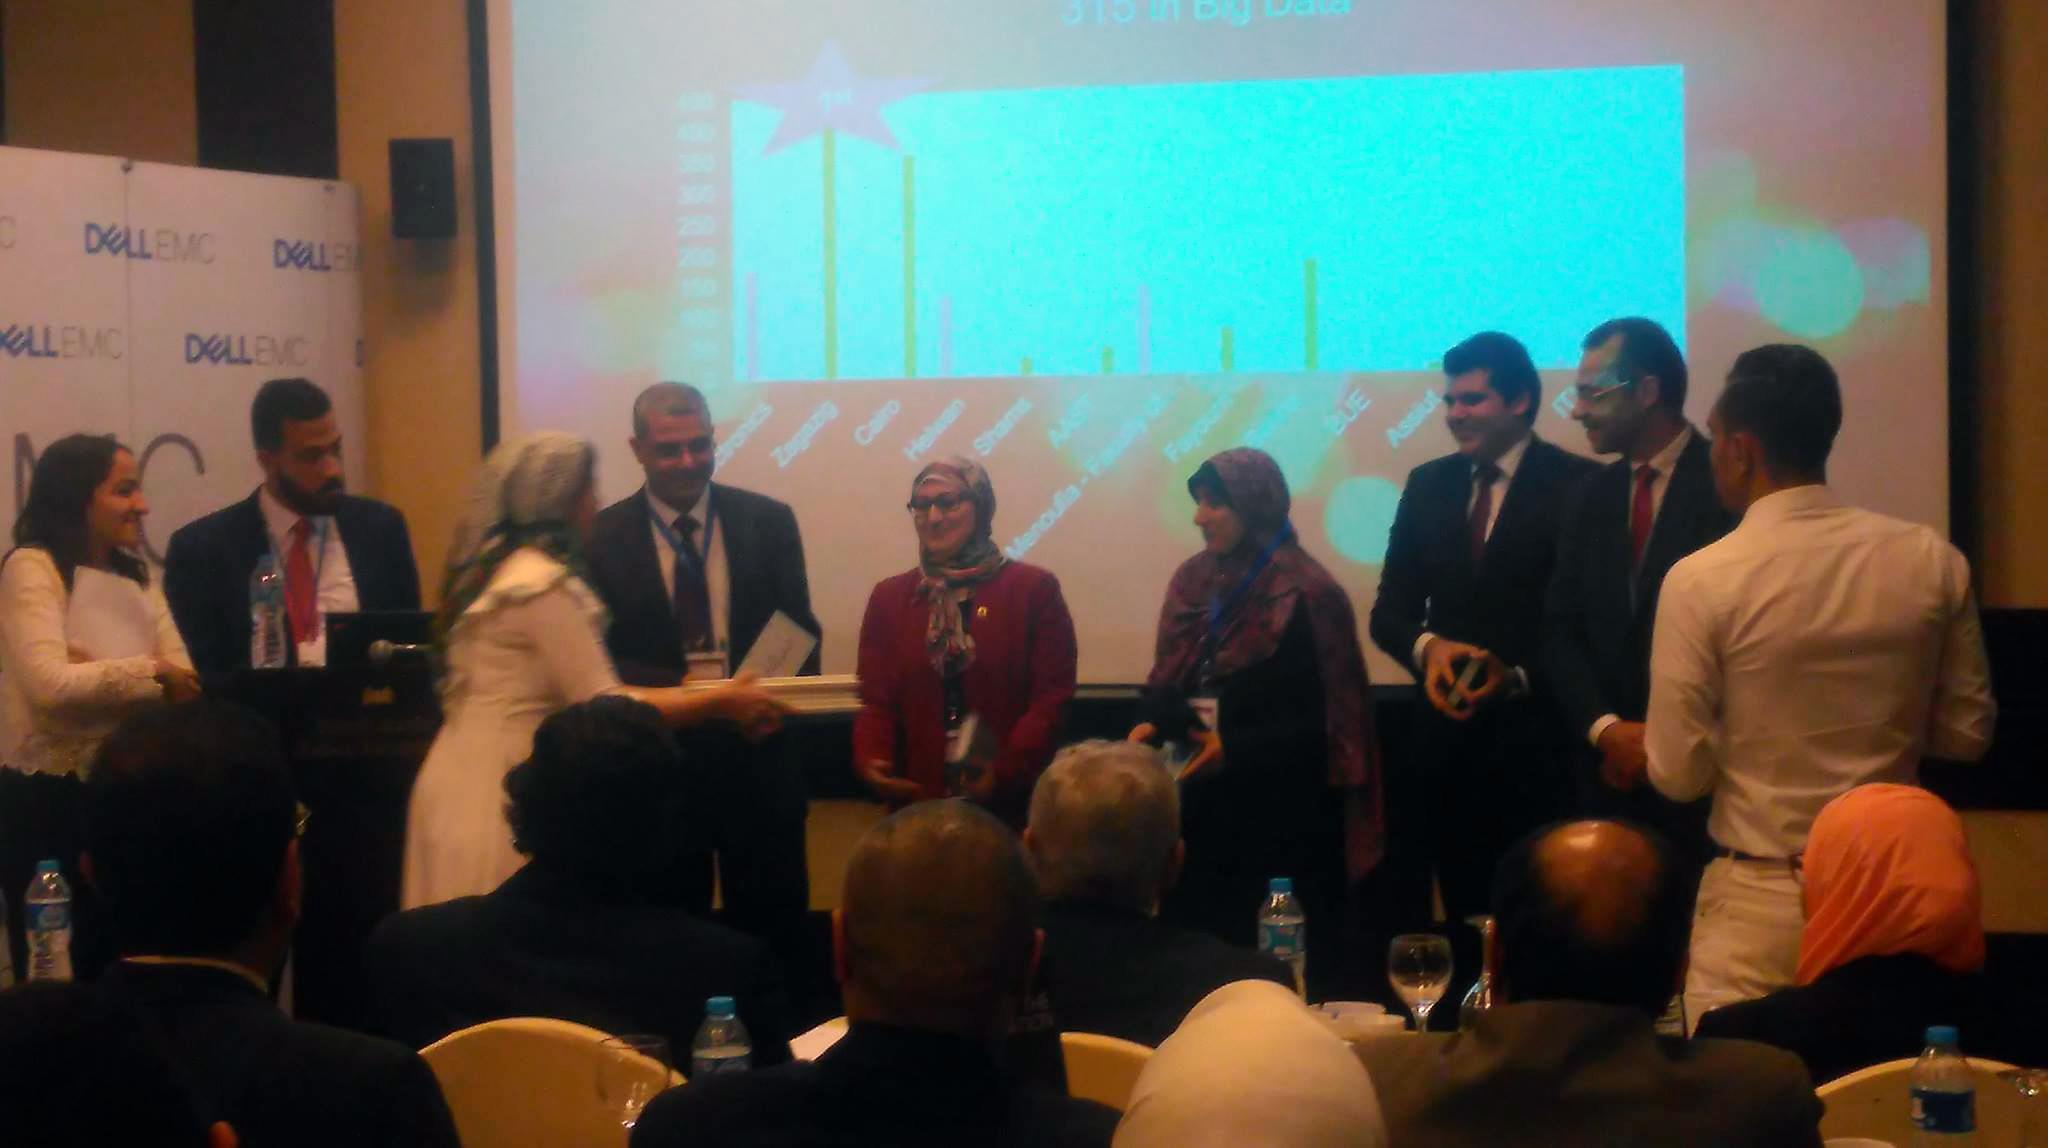 حاسبات الزقازيق الأولي علي مستوي الجامعات المصرية في مجالي الحوسبة السحابية وعلوم البيانات